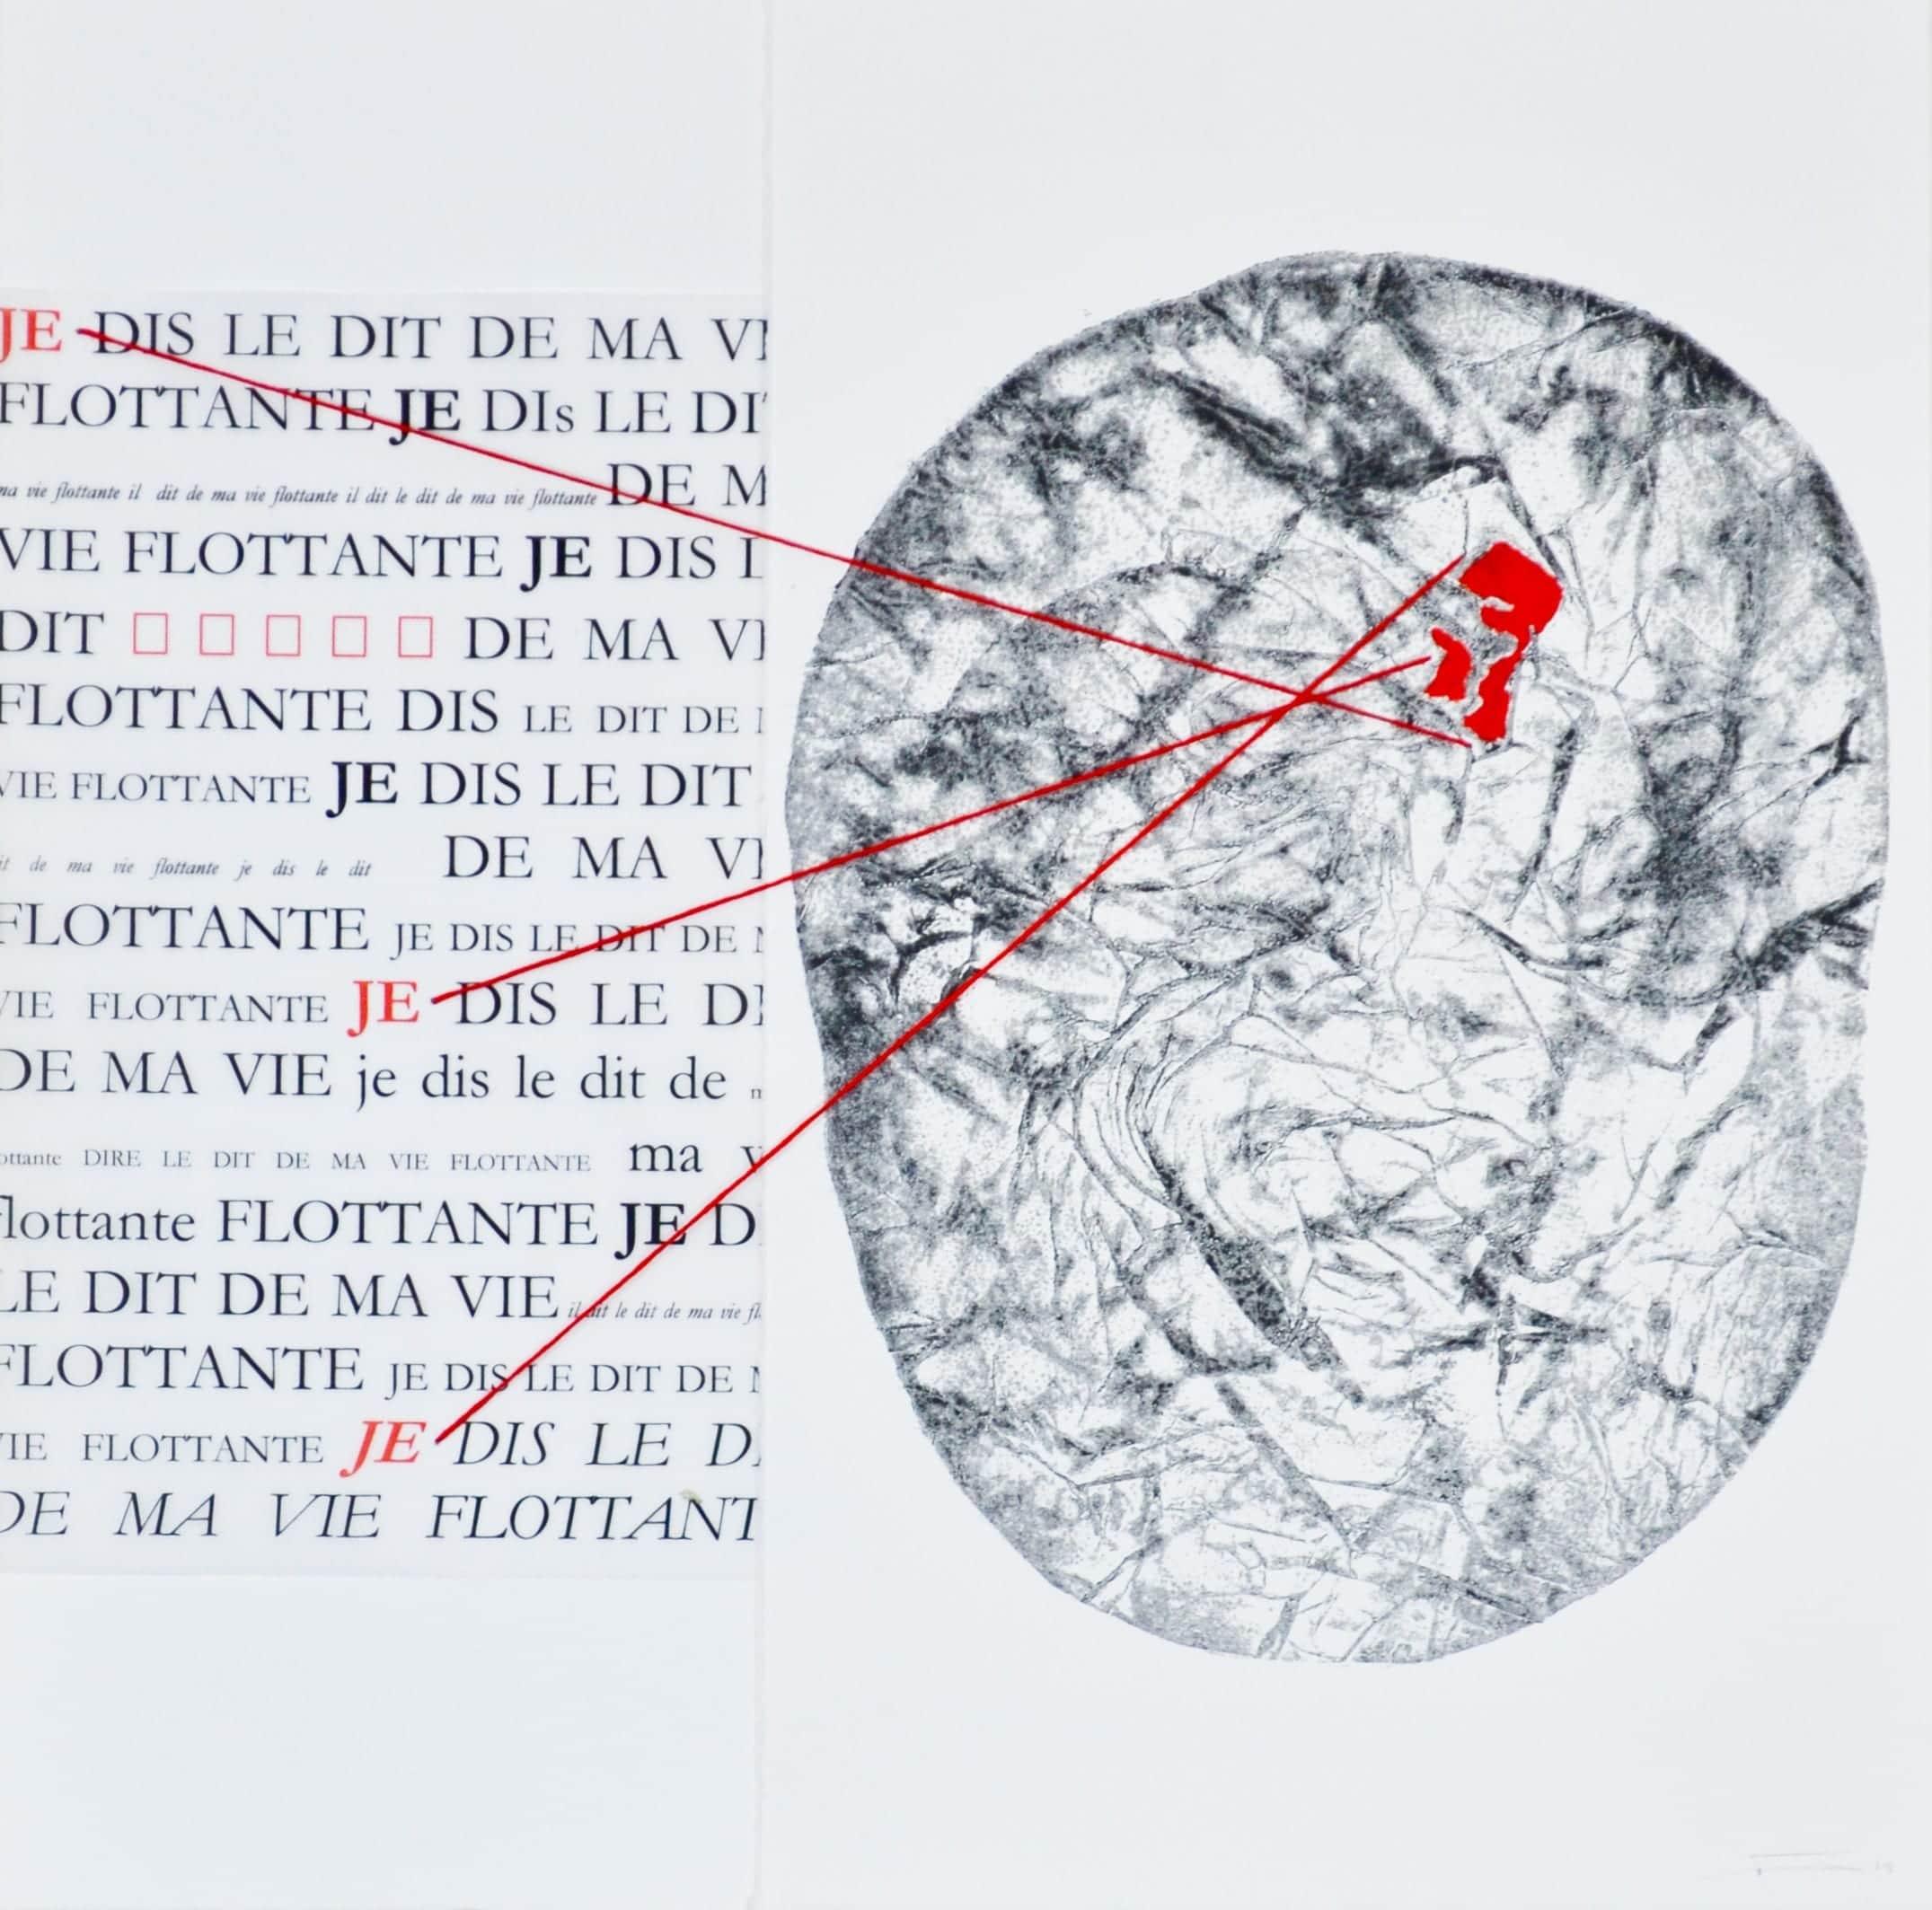 Les-mots-201-Le-dit-de-ma-vie-flottate